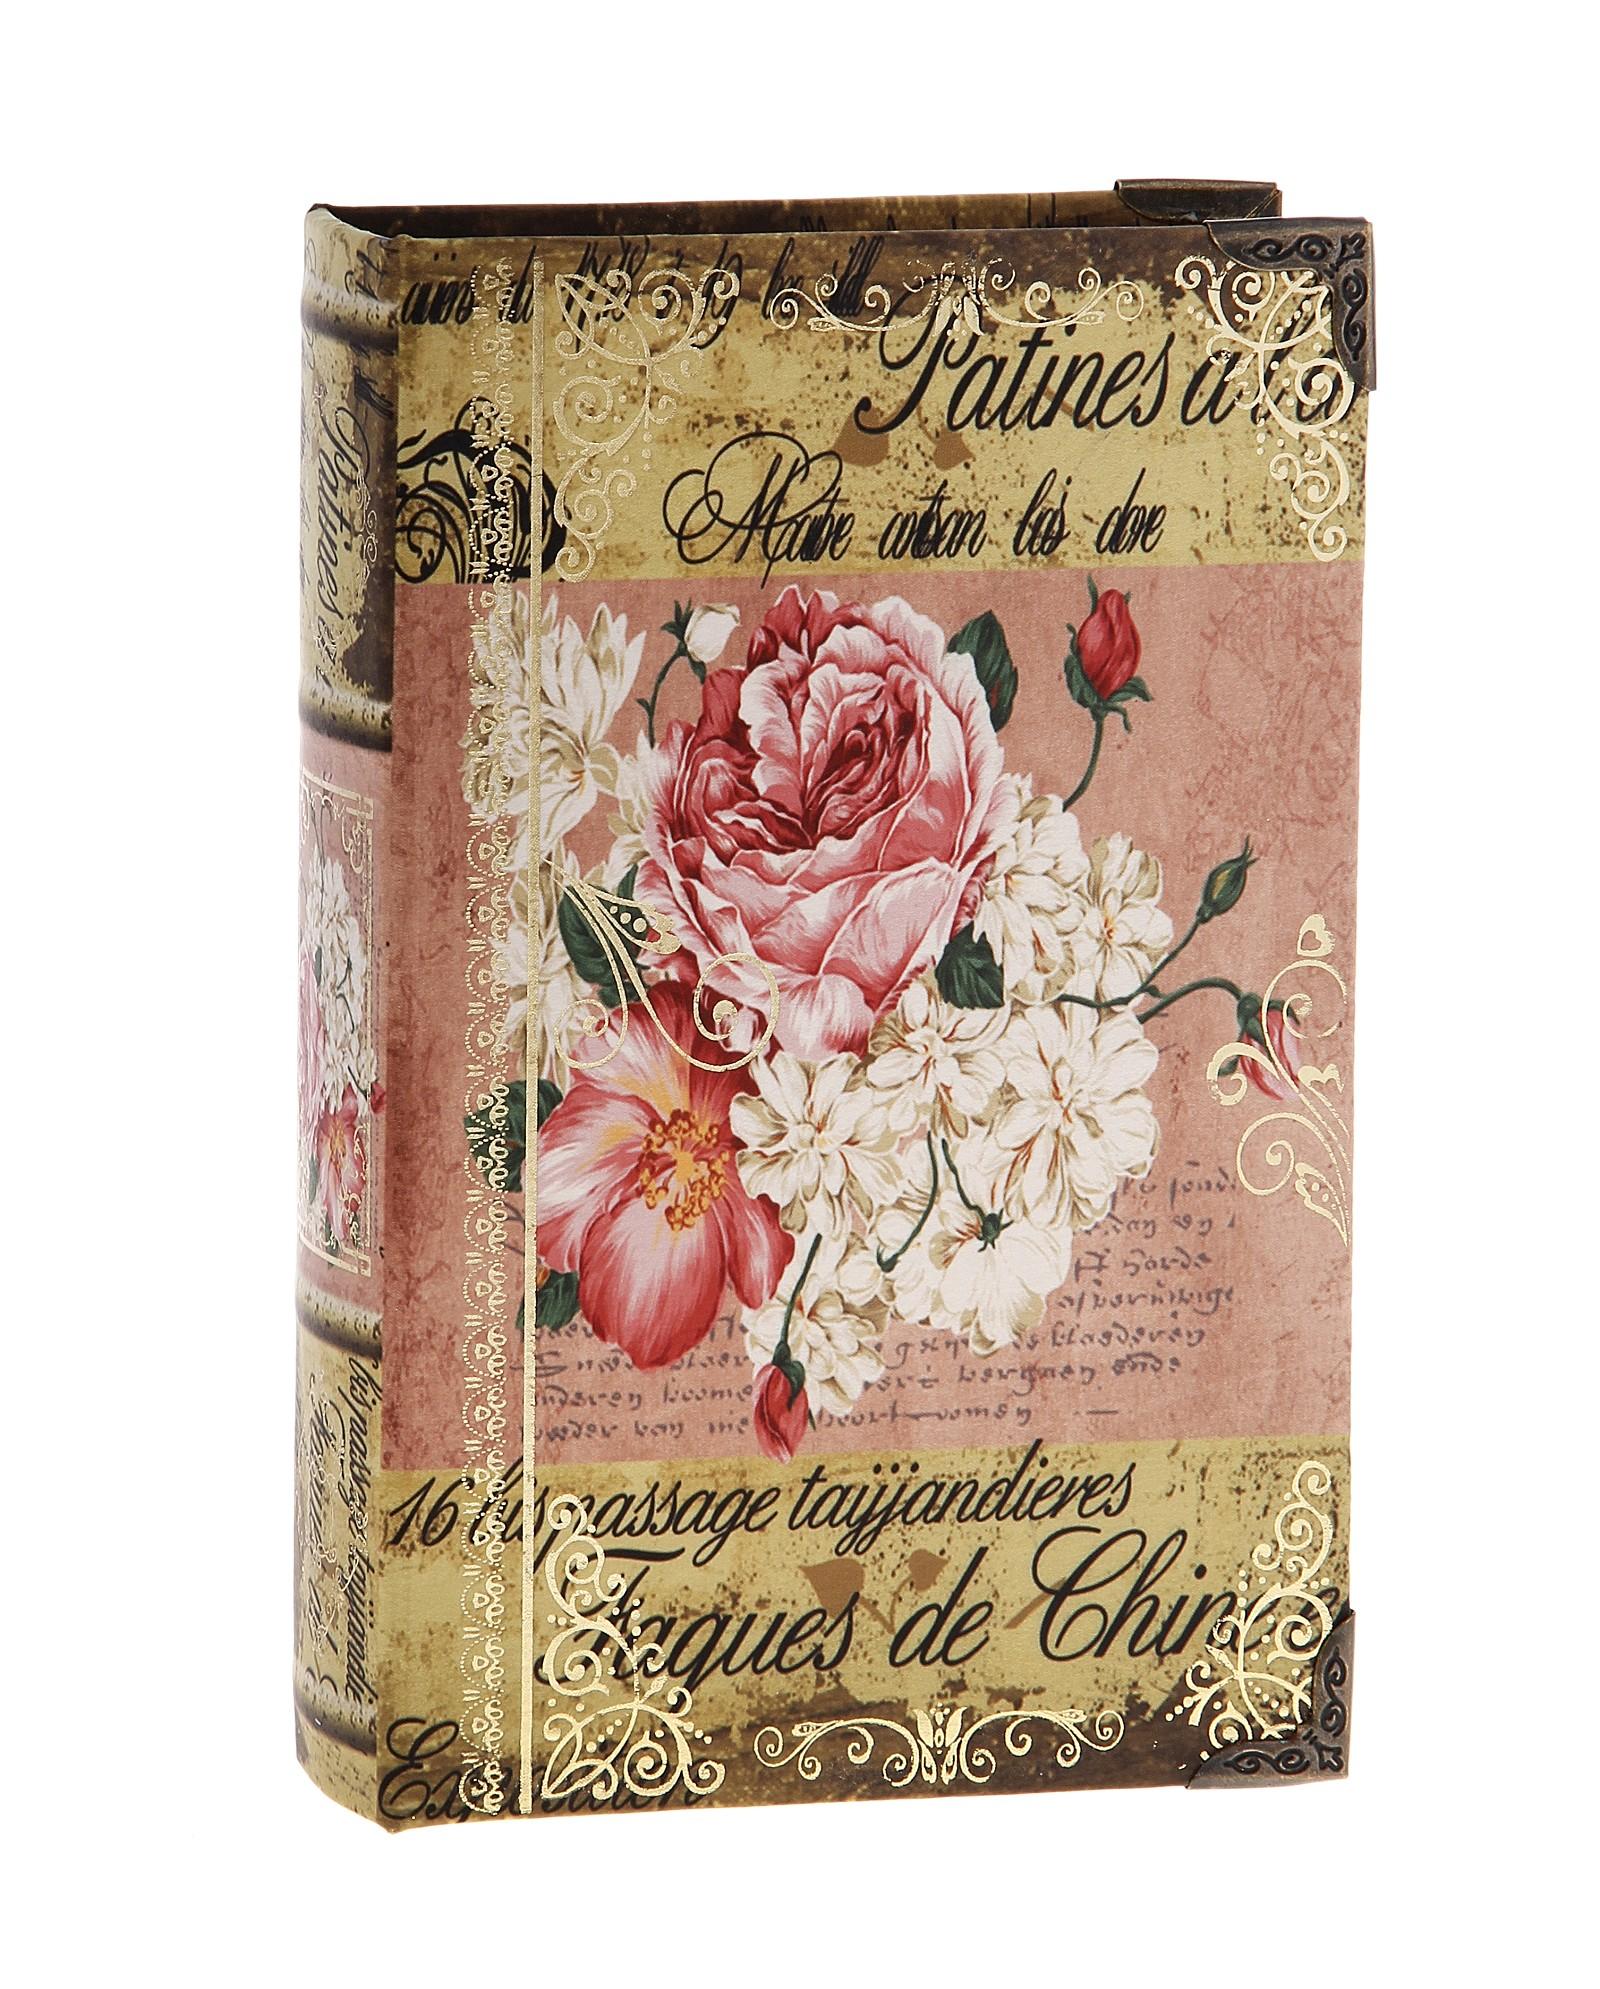 Шкатулка-книга Поэма о цветахNLED-420-1.5W-RОригинальное оформление шкатулки, несомненно, привлечет внимание. Шкатулка выполнена в виде книги, поверхность которой изготовлена из шёлка и оформлена изображением прекрасной цветочной композиции. Такая шкатулка может использоваться для хранения бижутерии, в качестве украшения интерьера, а также послужит хорошим подарком для человека, ценящего практичные и оригинальные вещицы. Характеристики:Материал: дерево, шёлк, металл. Размер шкатулки (в закрытом виде): 24 см х 16 см х 5 см. Размер упаковки: 24,5 см х 16 см х 5 см. Артикул: 680711.